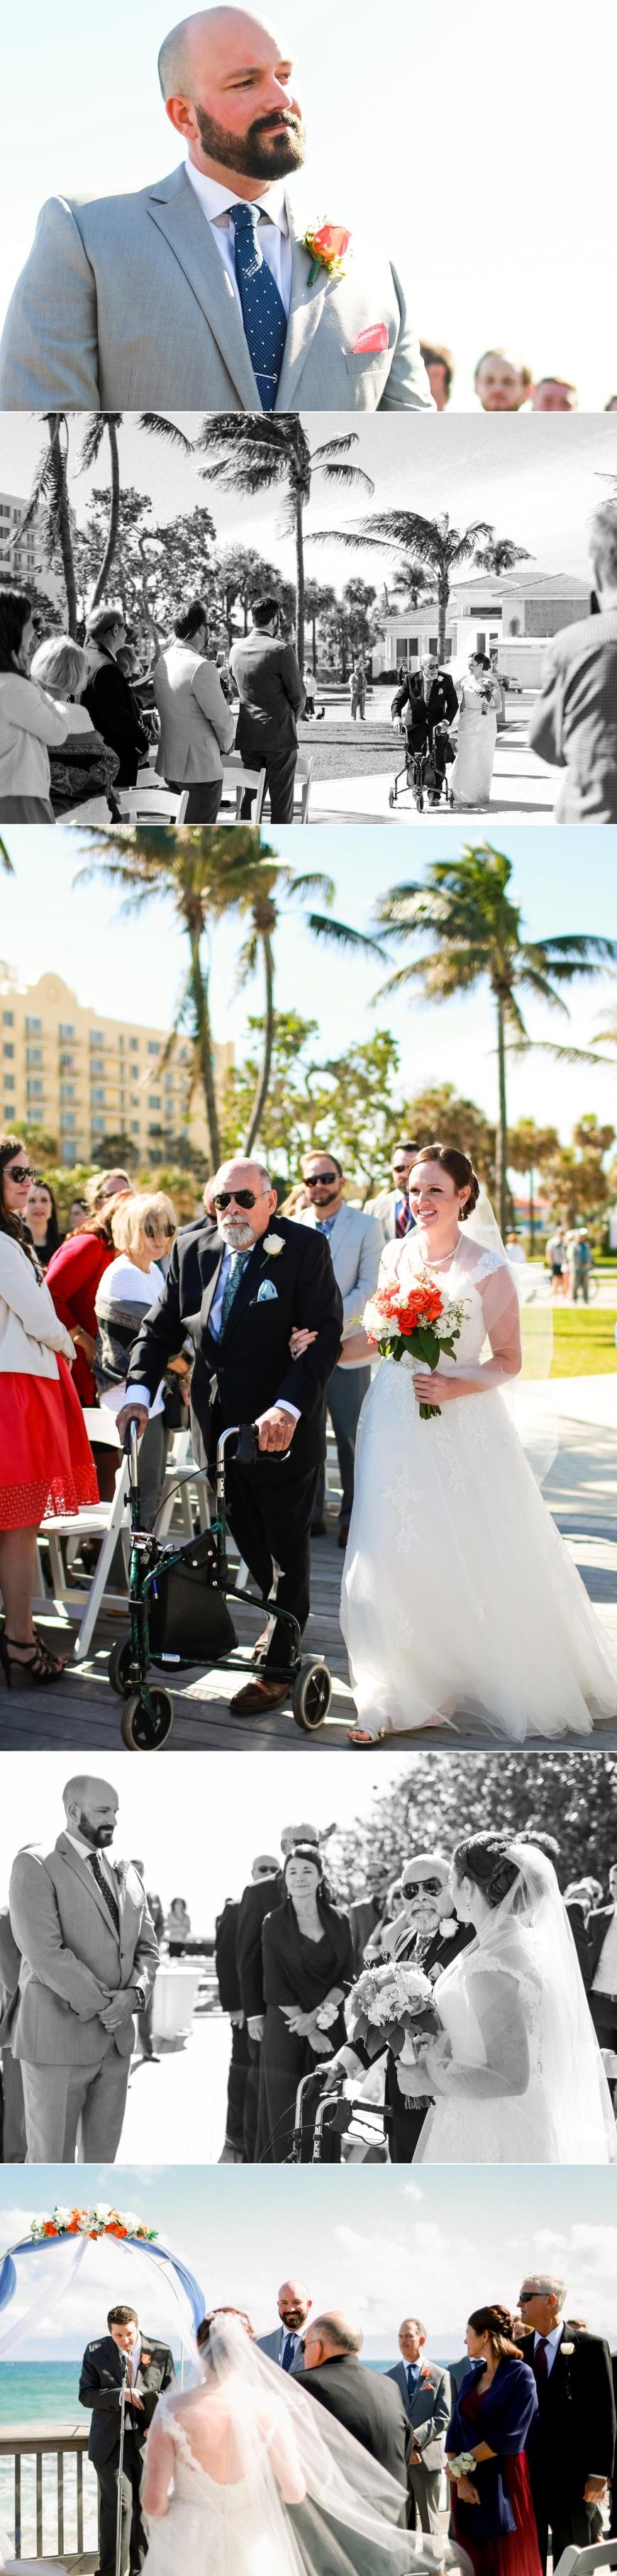 Deerfield-Beach-Wedding-Photographer_1030.jpg